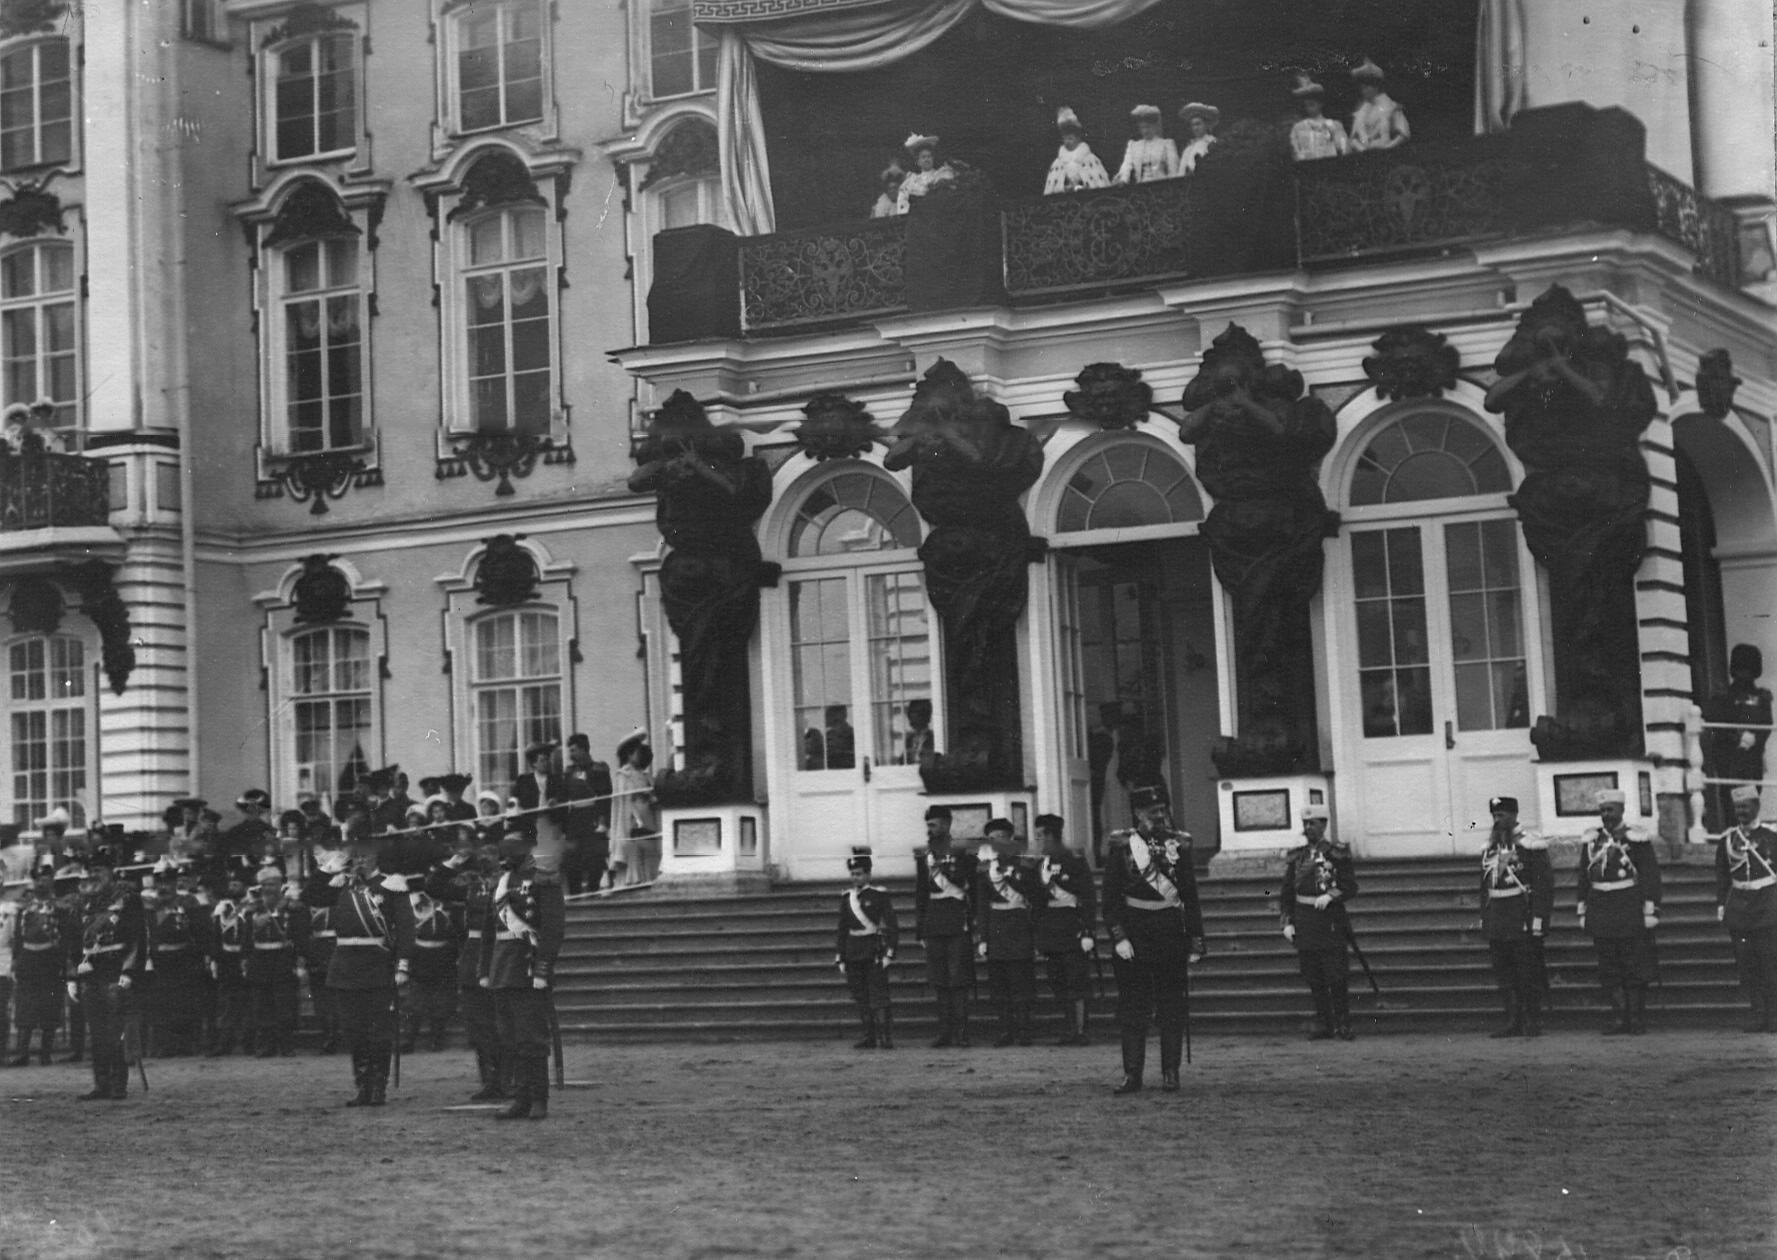 Император Николай II, члены императорской фамилии и генералитет на параде 1-го и 2-го стрелковых батальонов у Екатерининского дворца.21 апреля 1905